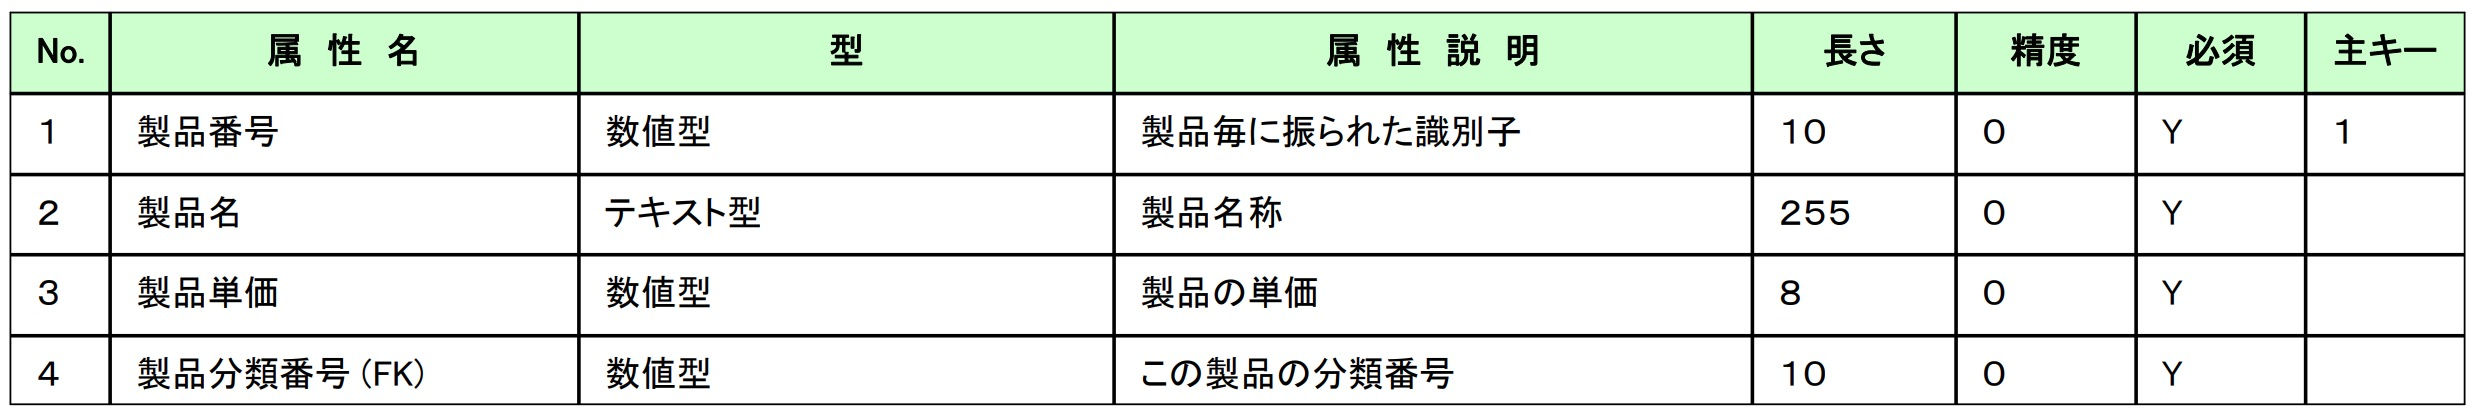 テーブル定義書(サンプル)